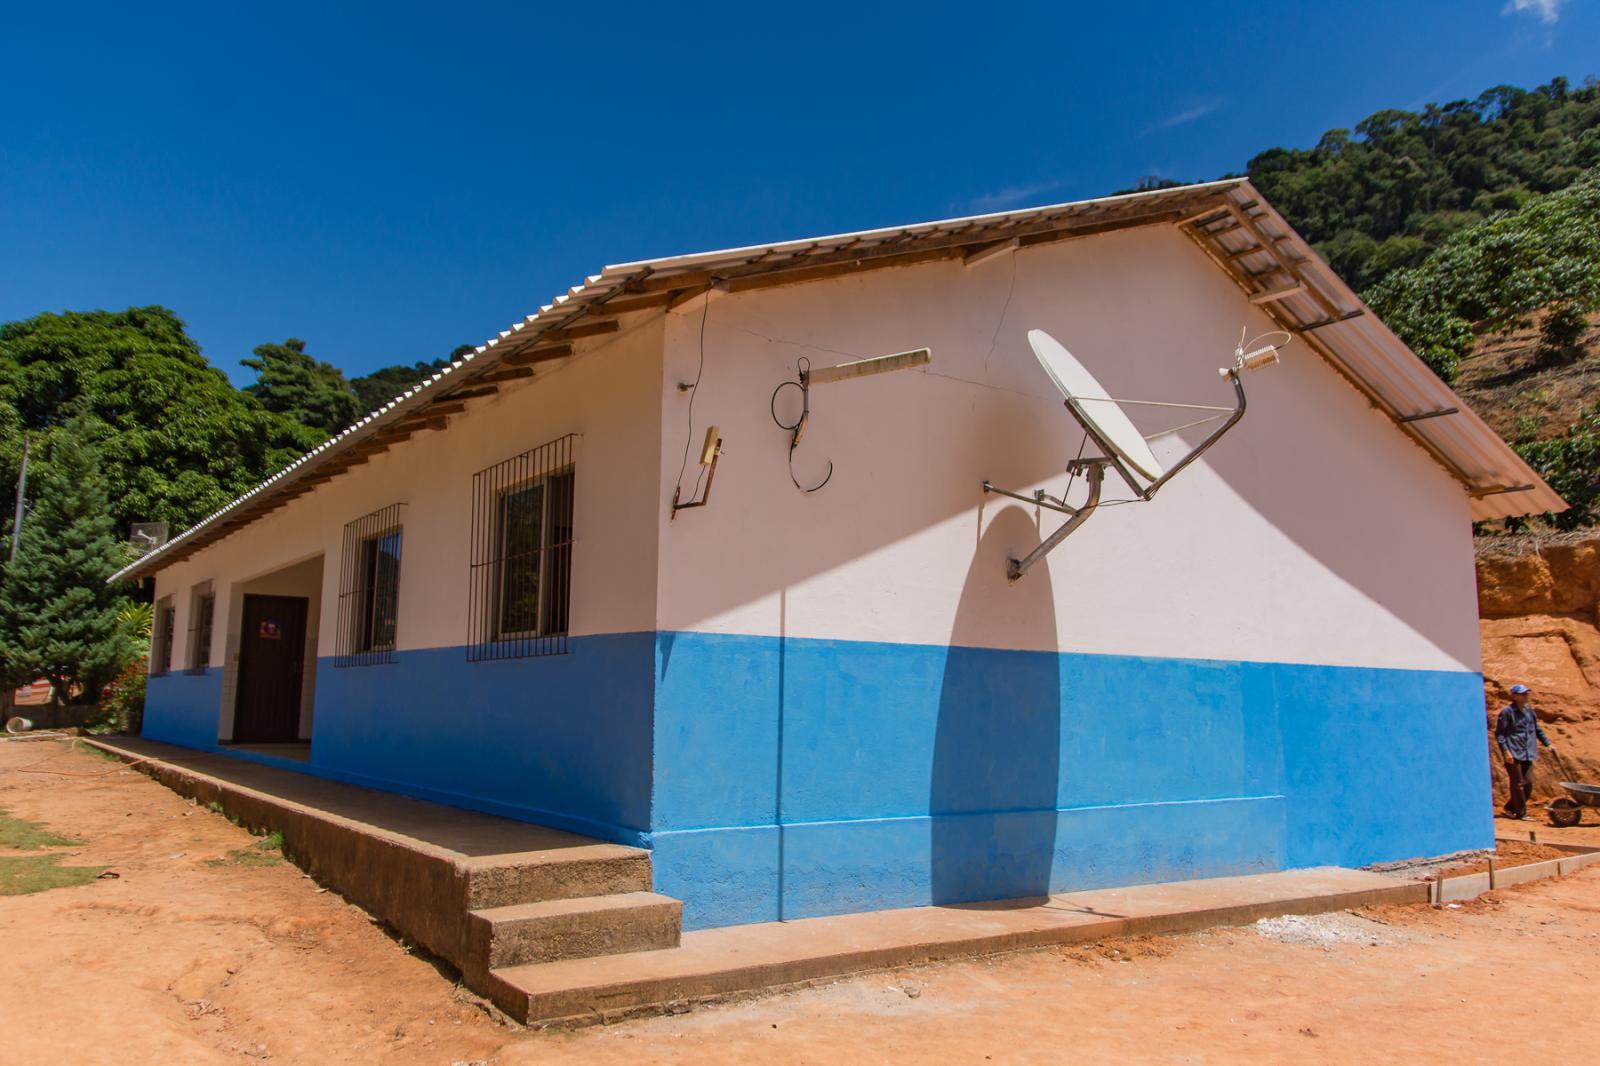 Escola Municipal de Alto Santa Joana passa por reforma e ampliação